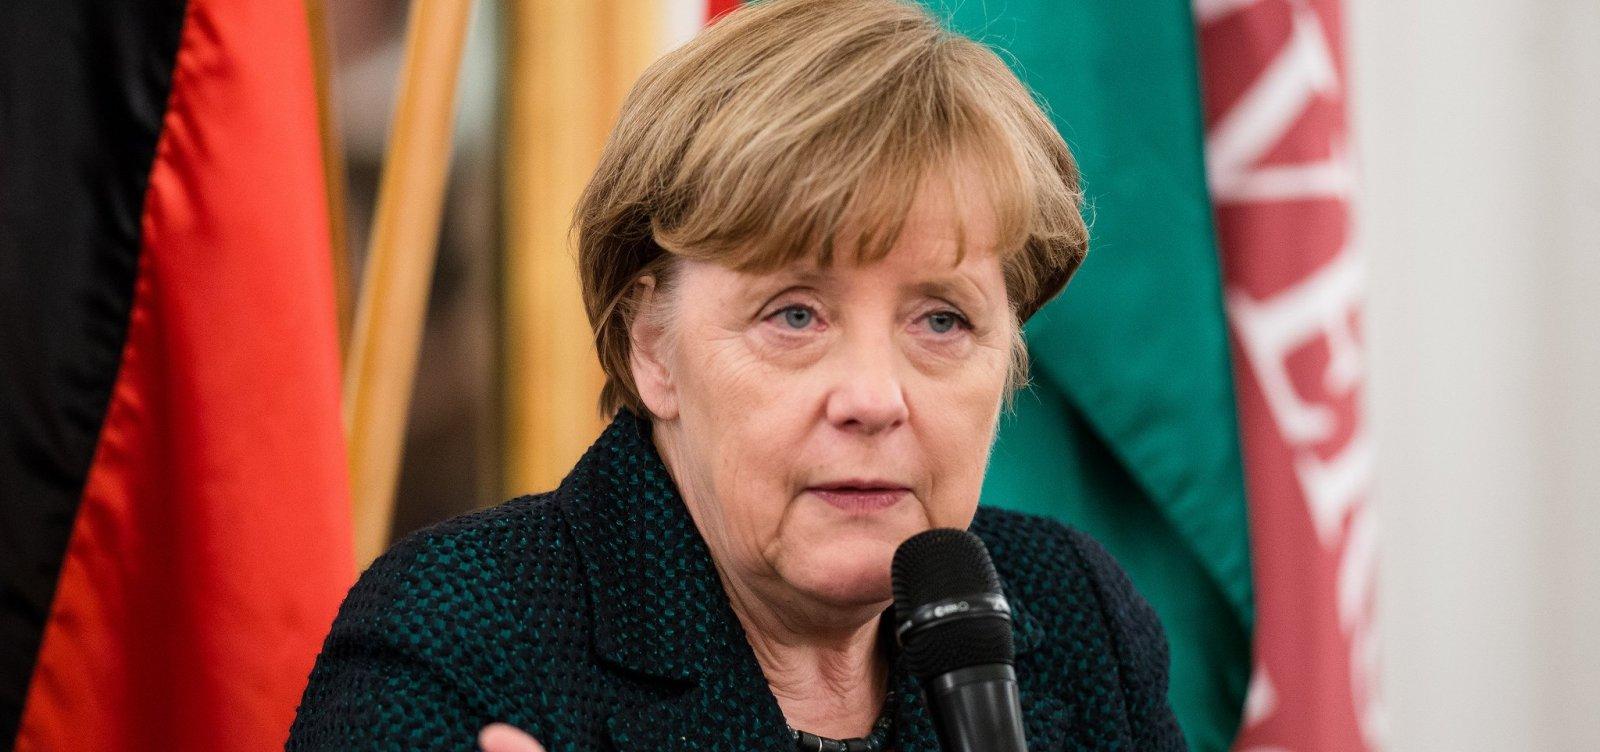 [Chanceler da Alemanha, Angela Merkel anuncia que deixará a política em 2021]